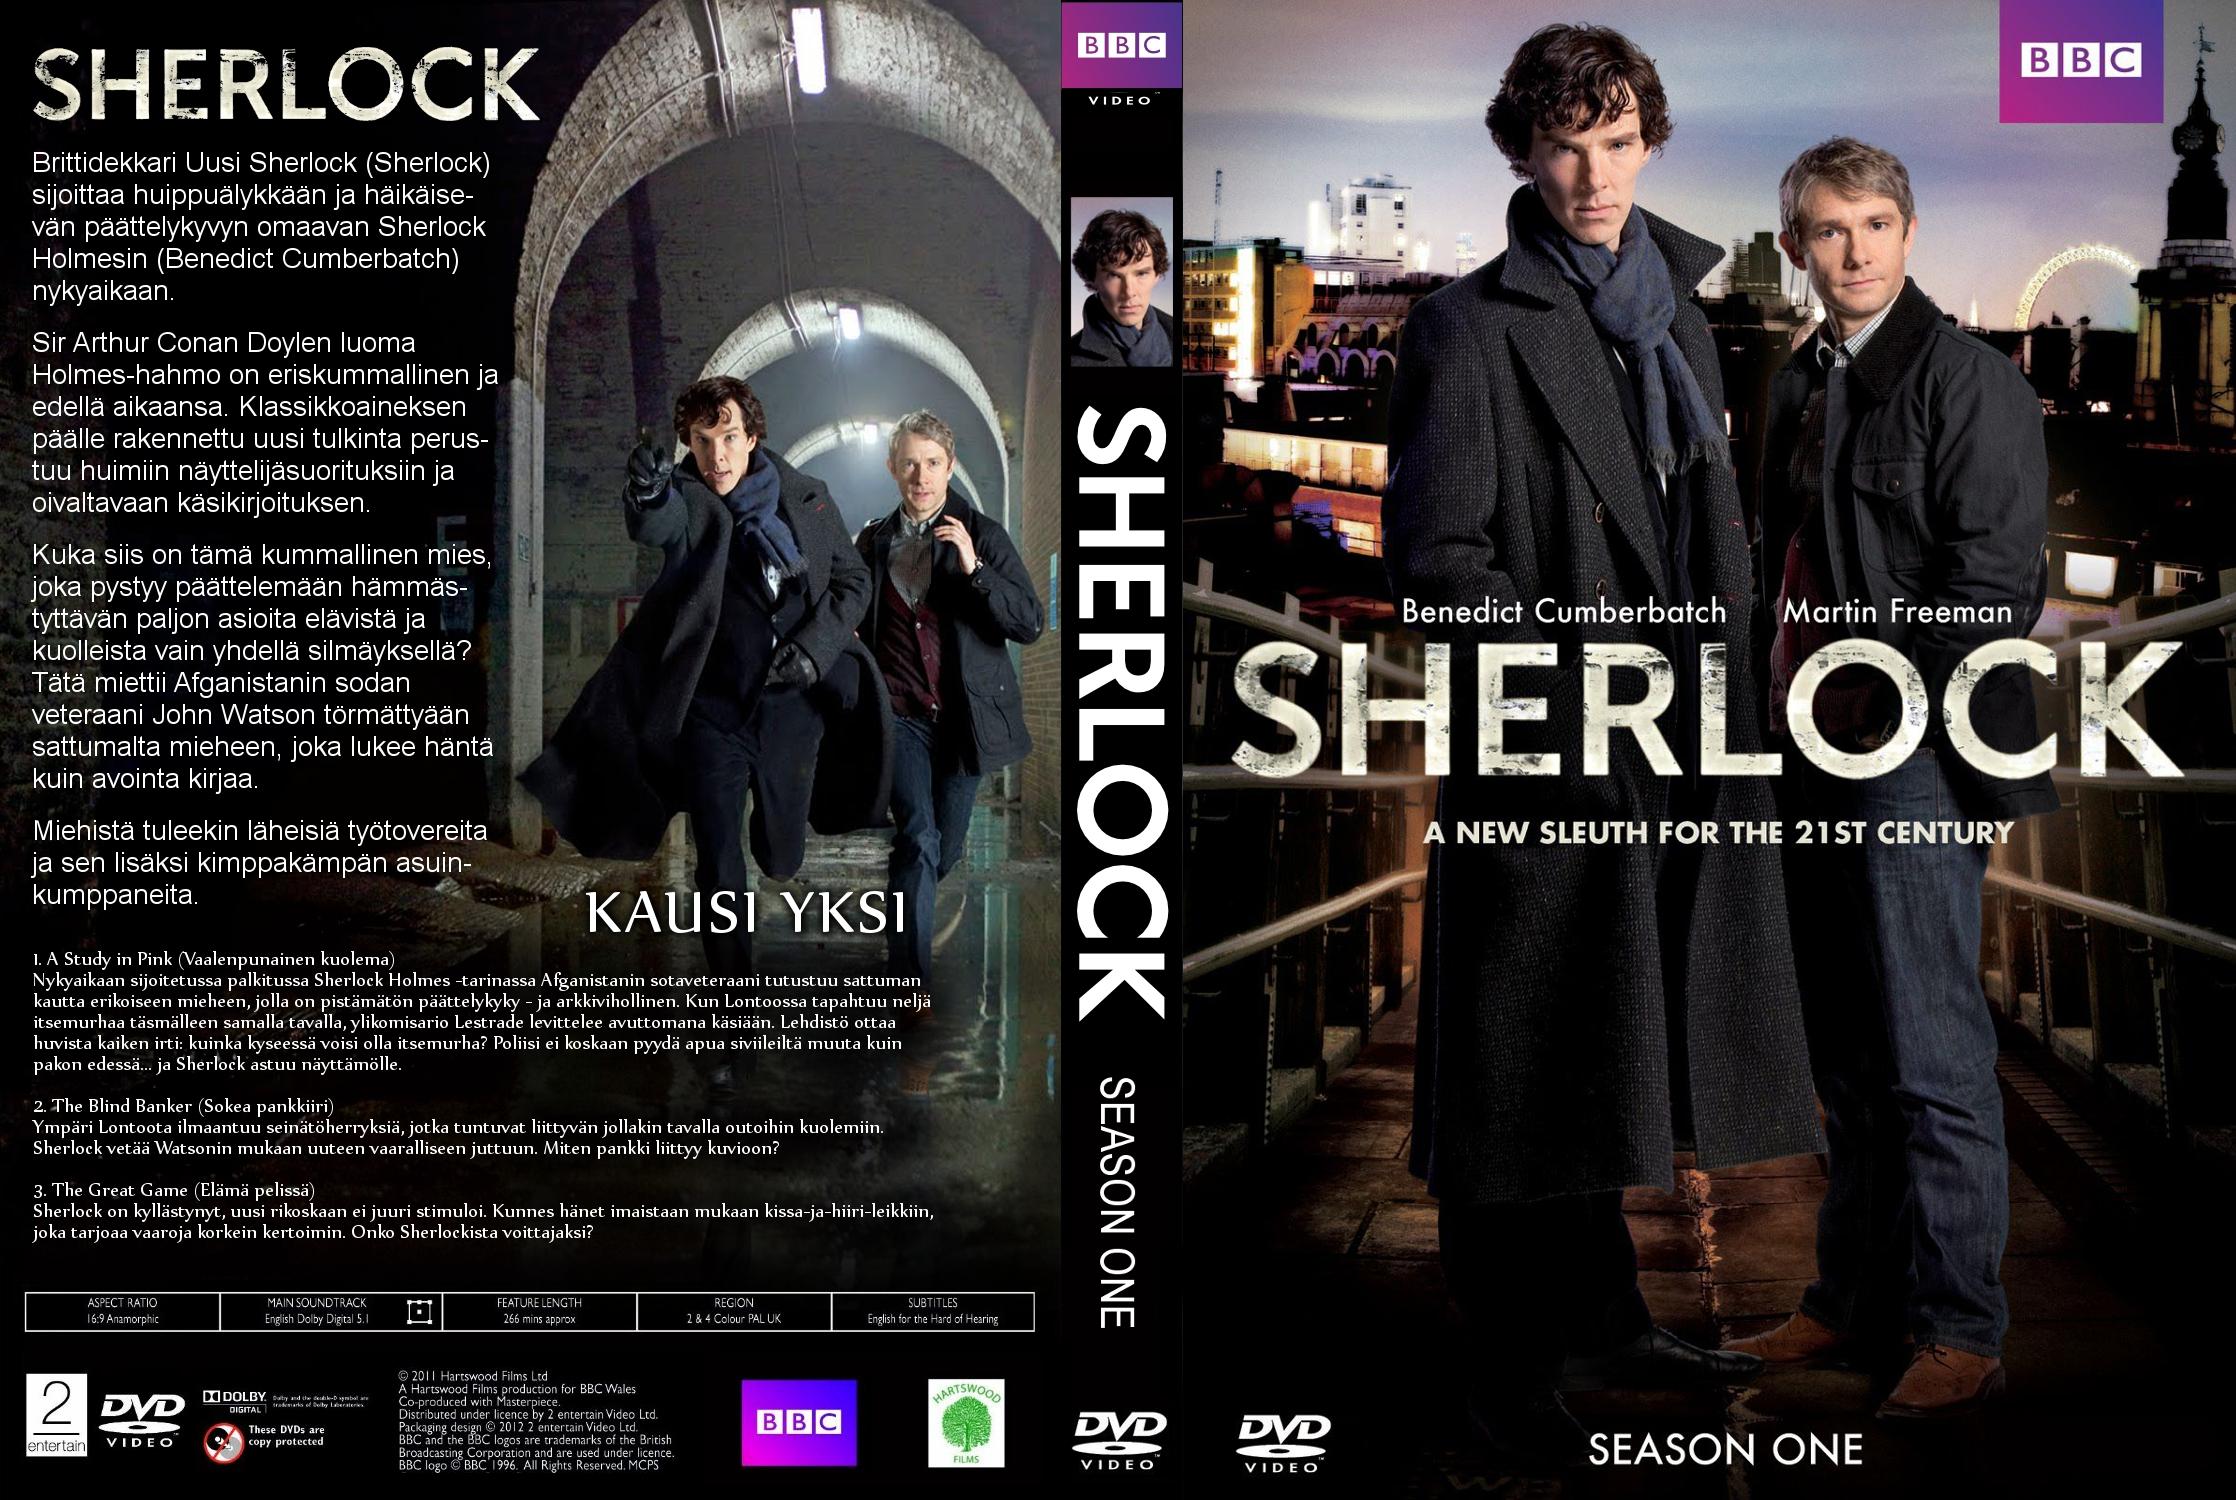 sherlock holmes season 1 episode 2 subtitles english free download